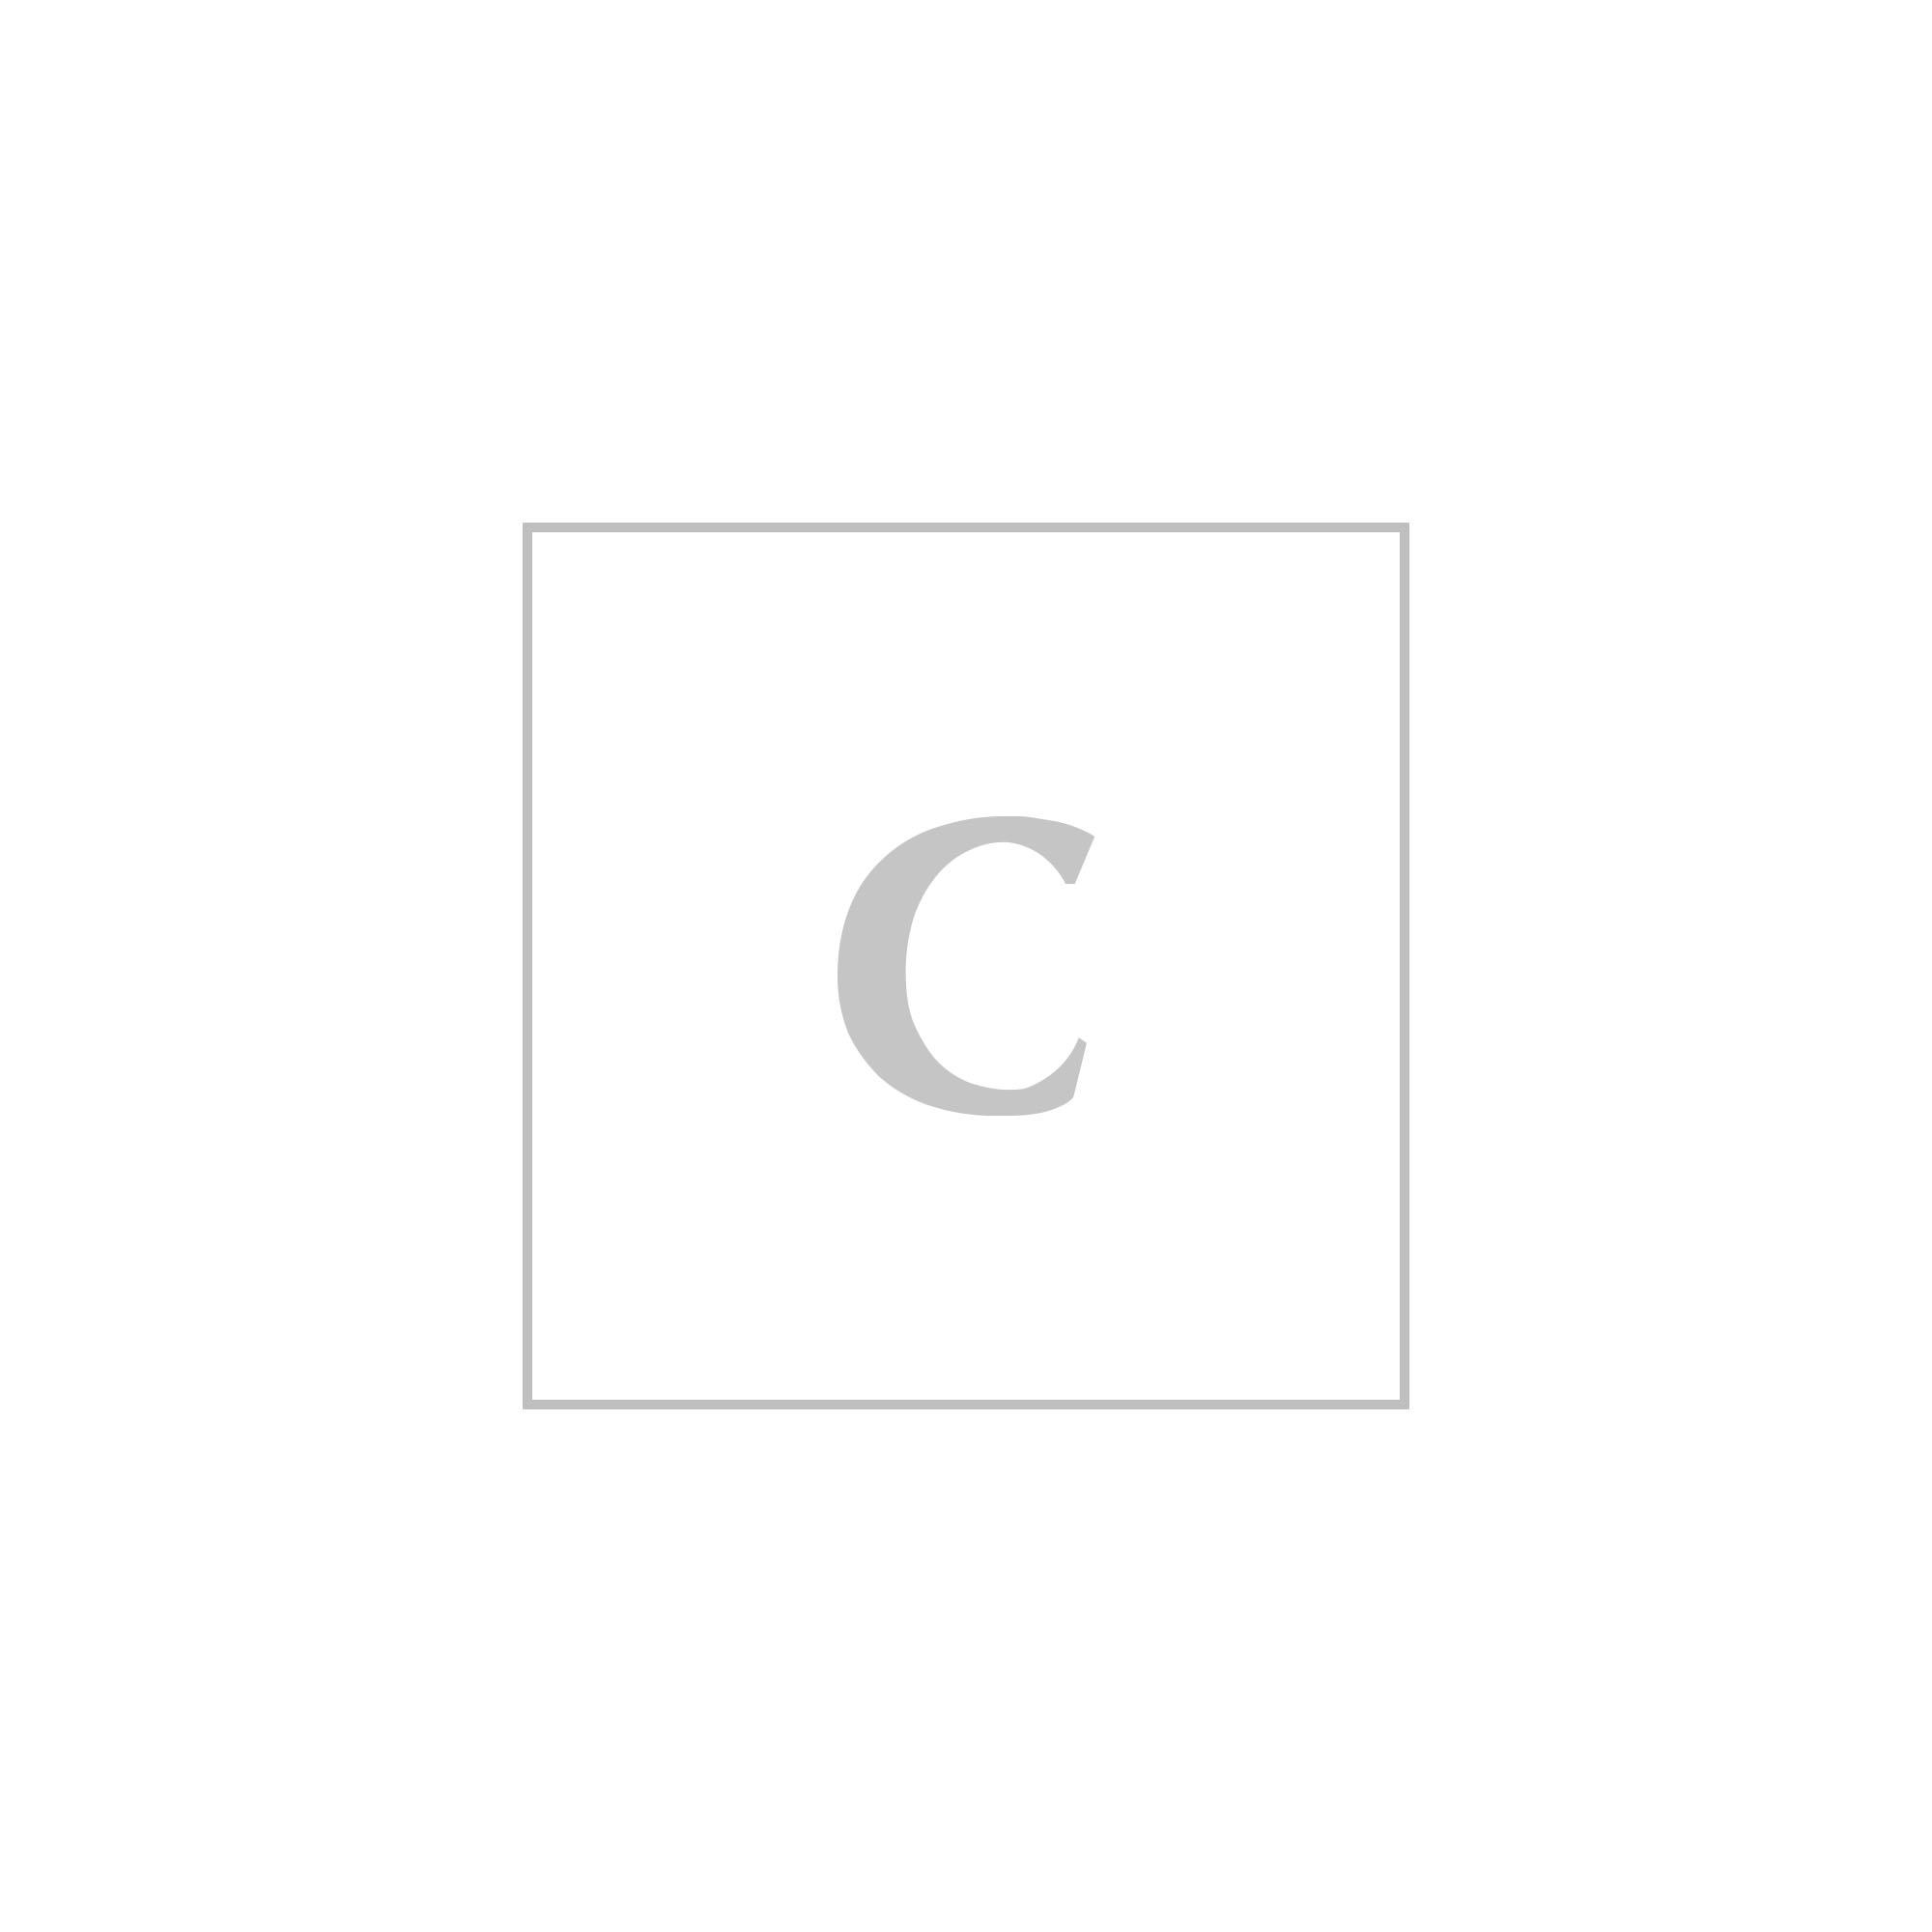 Dolce & gabbana dauphine calfskin mini sicily bag